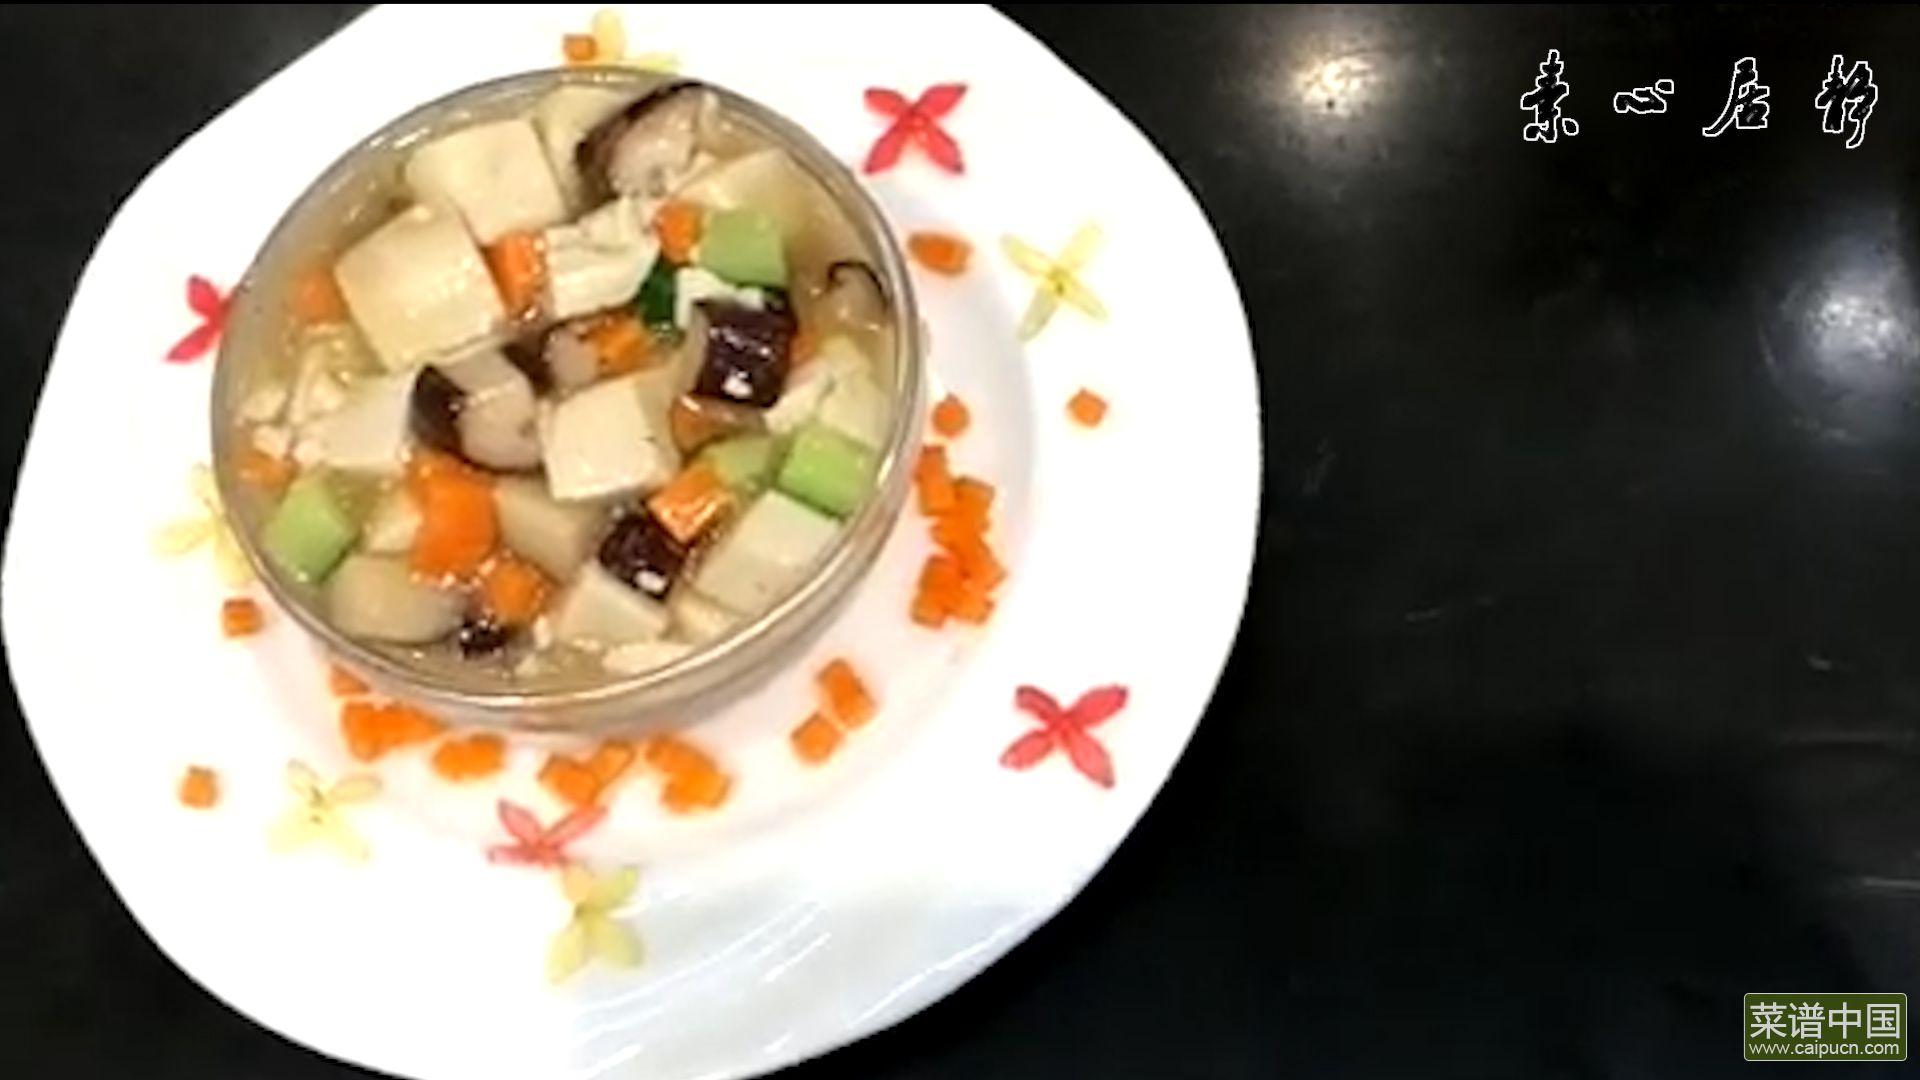 三鲜炖豆腐【素心居静庄青山】的做法步骤18